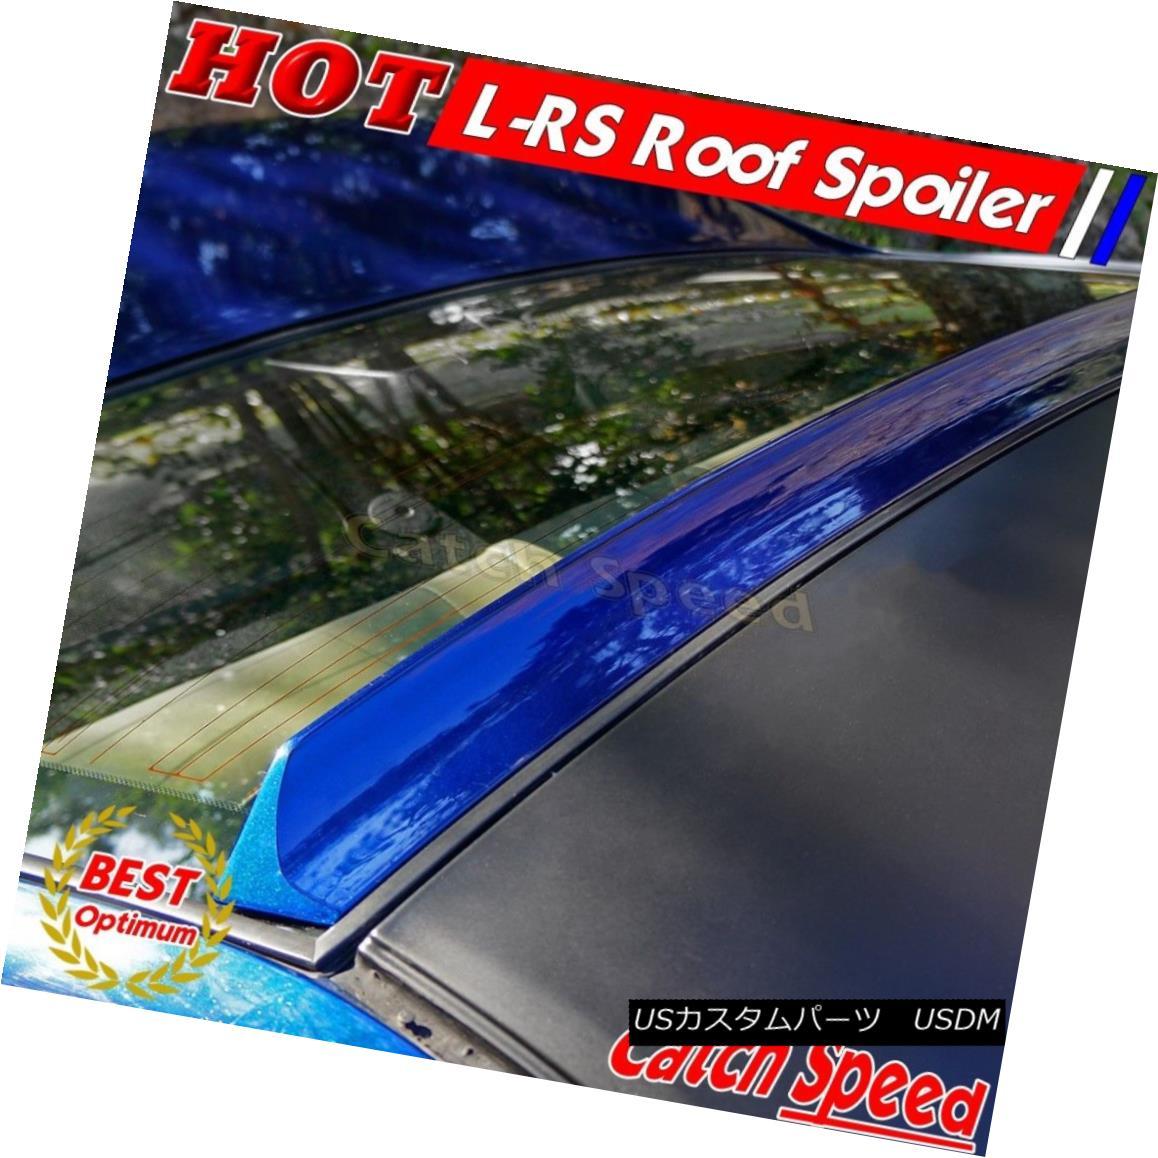 エアロパーツ Flat Black LRS Style Rear Roof Spoiler Wing For EUR Ford Foucs II Sedan 2008-10 EUR Ford Focus II Sedan用フラットブラックLRSスタイルリアルーフスポイラーウイング